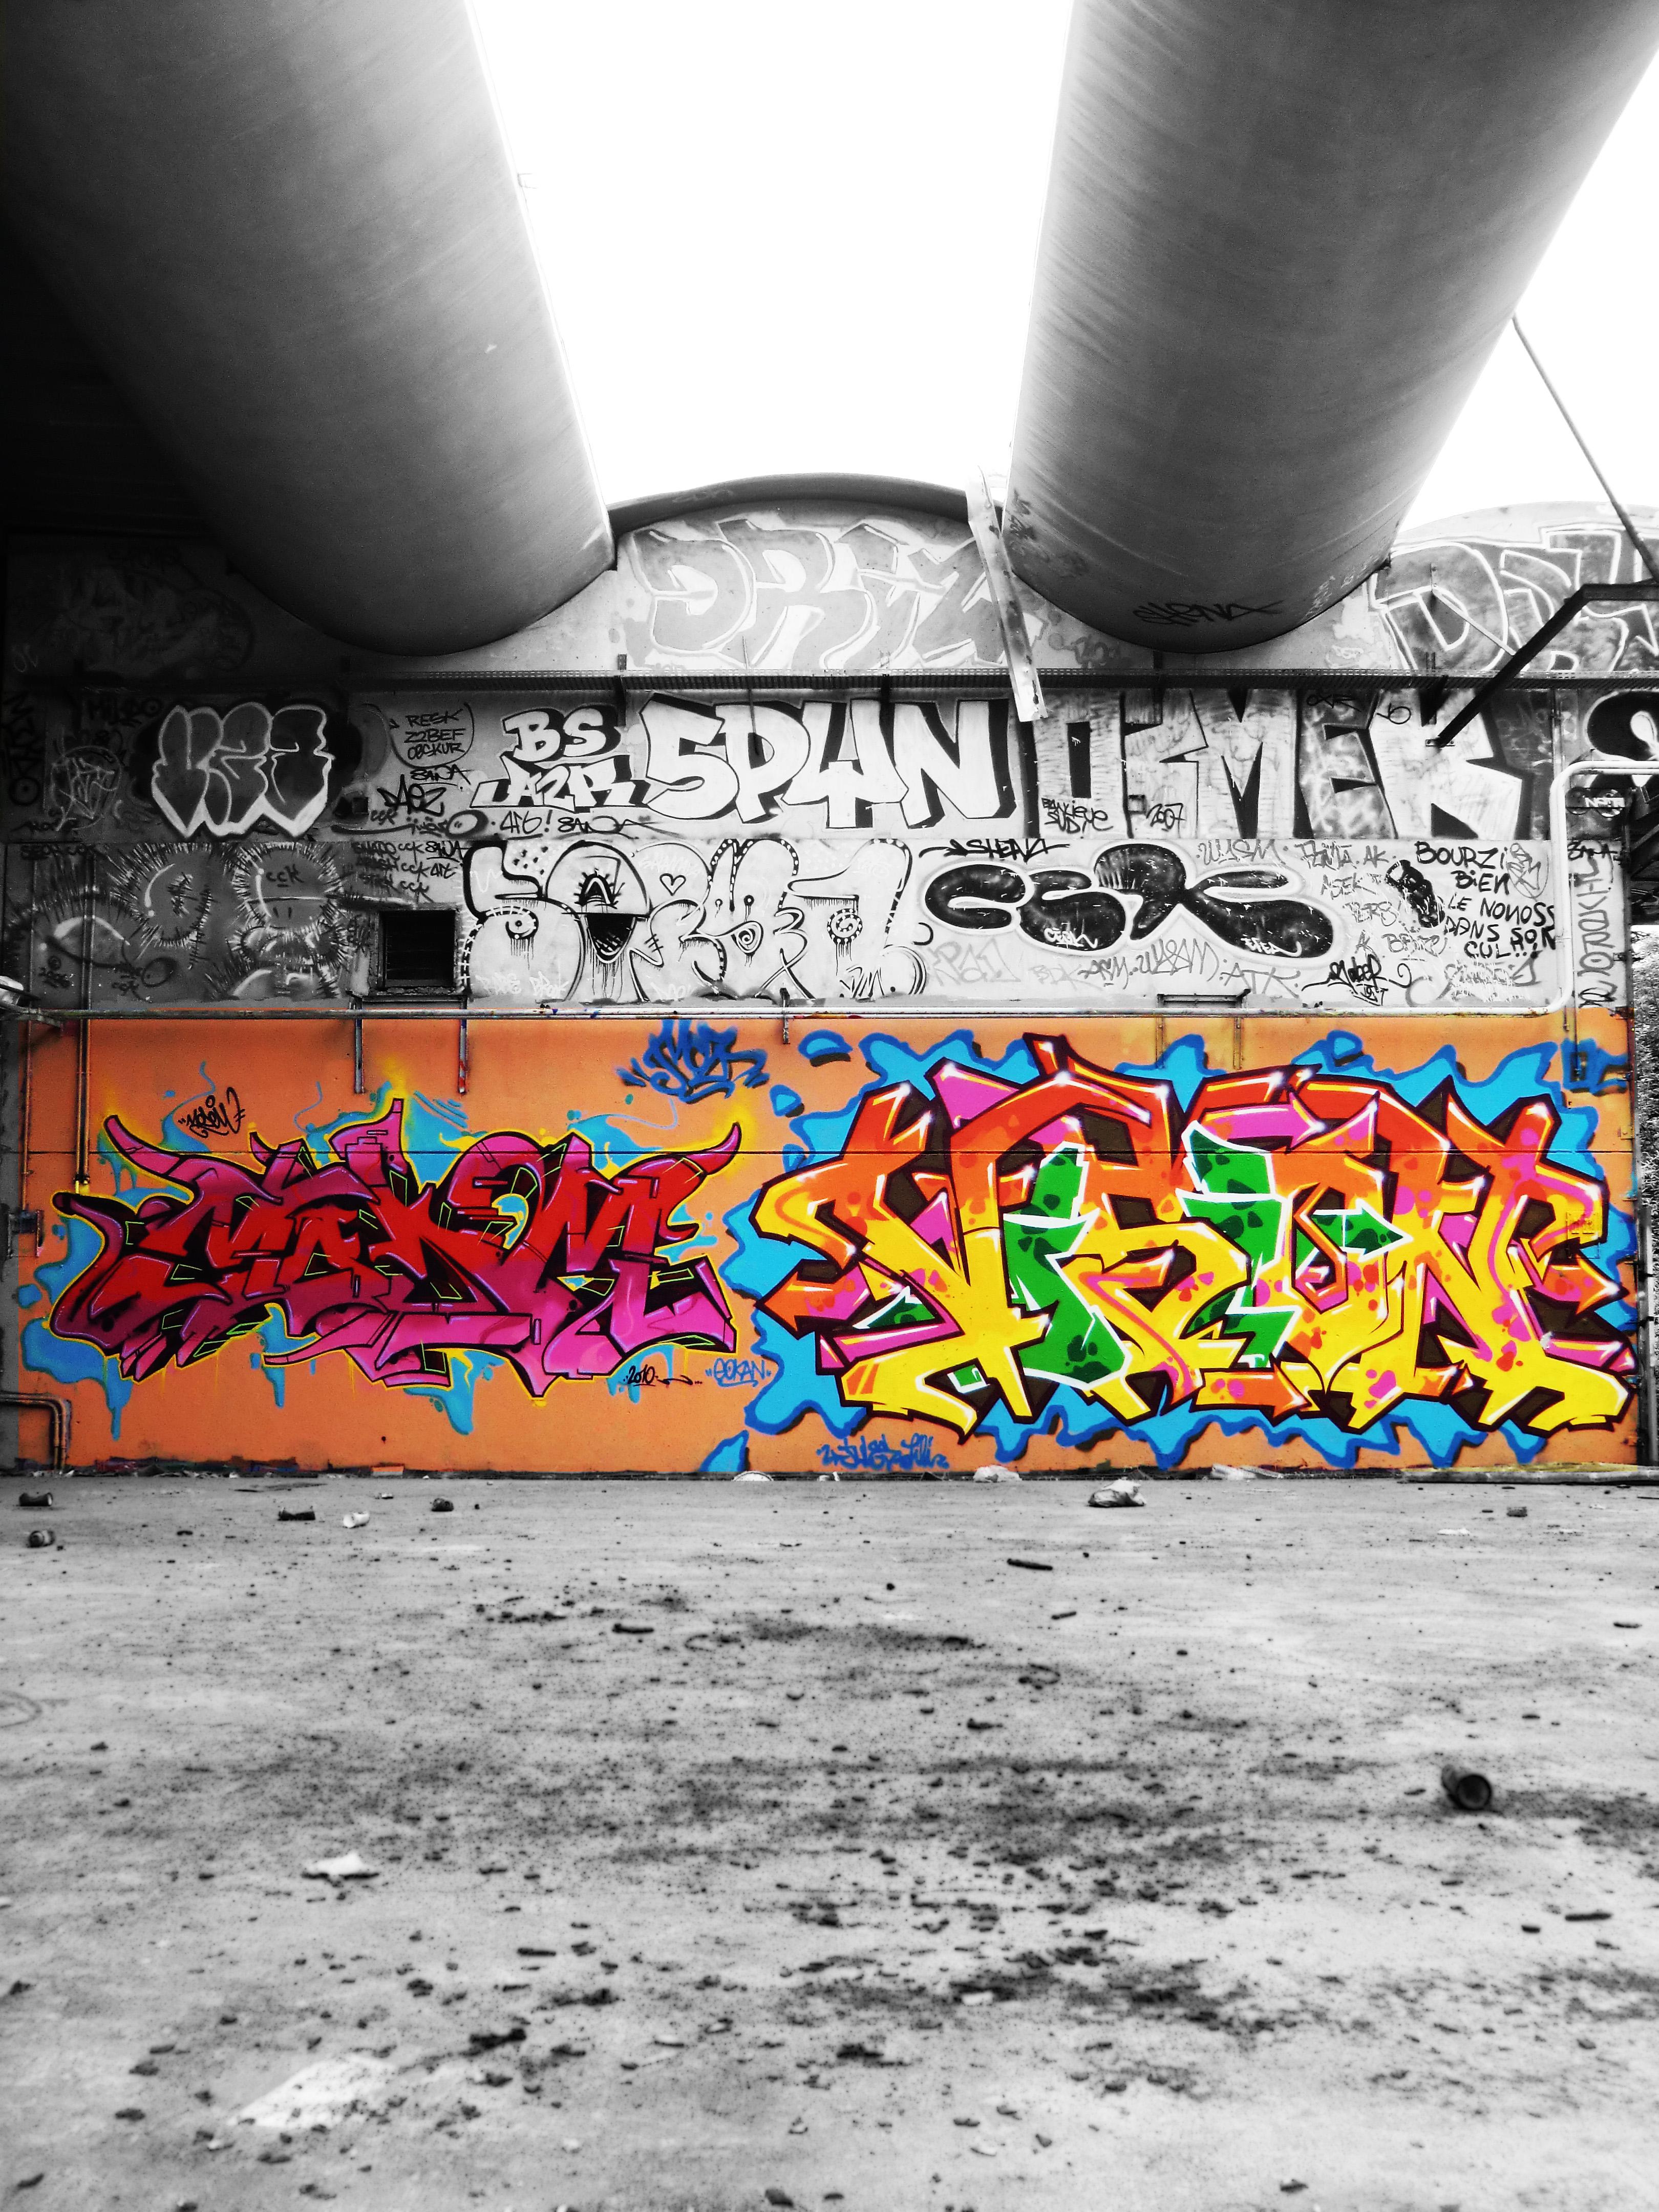 afarm5.static.flickr.com_4003_4571982770_b9721297a0_o.jpg